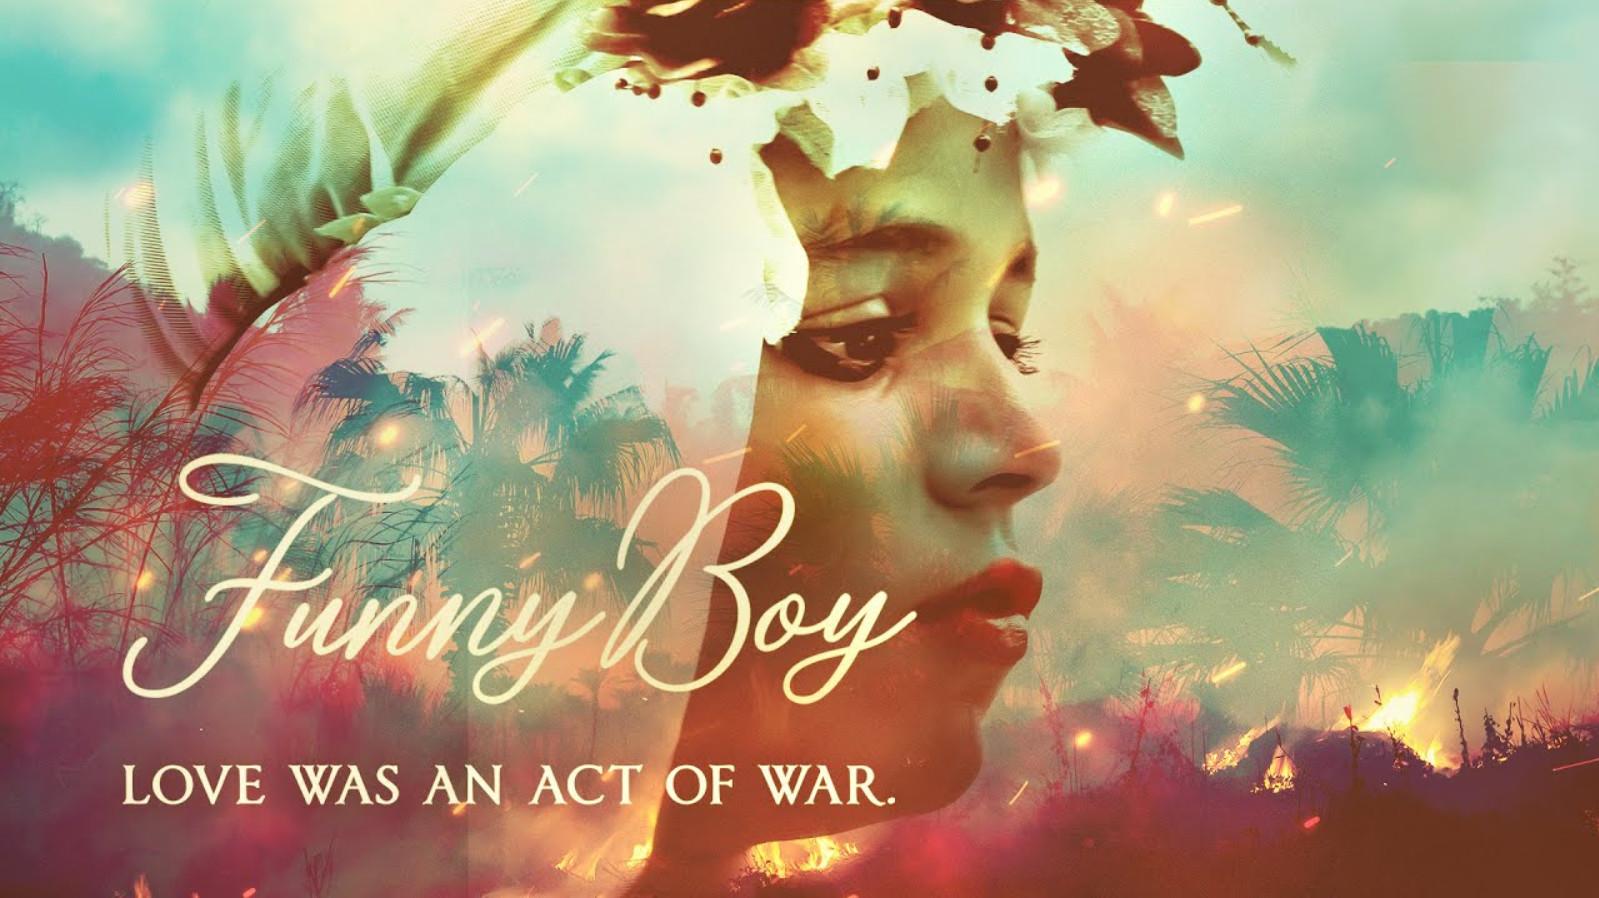 Funny boy film